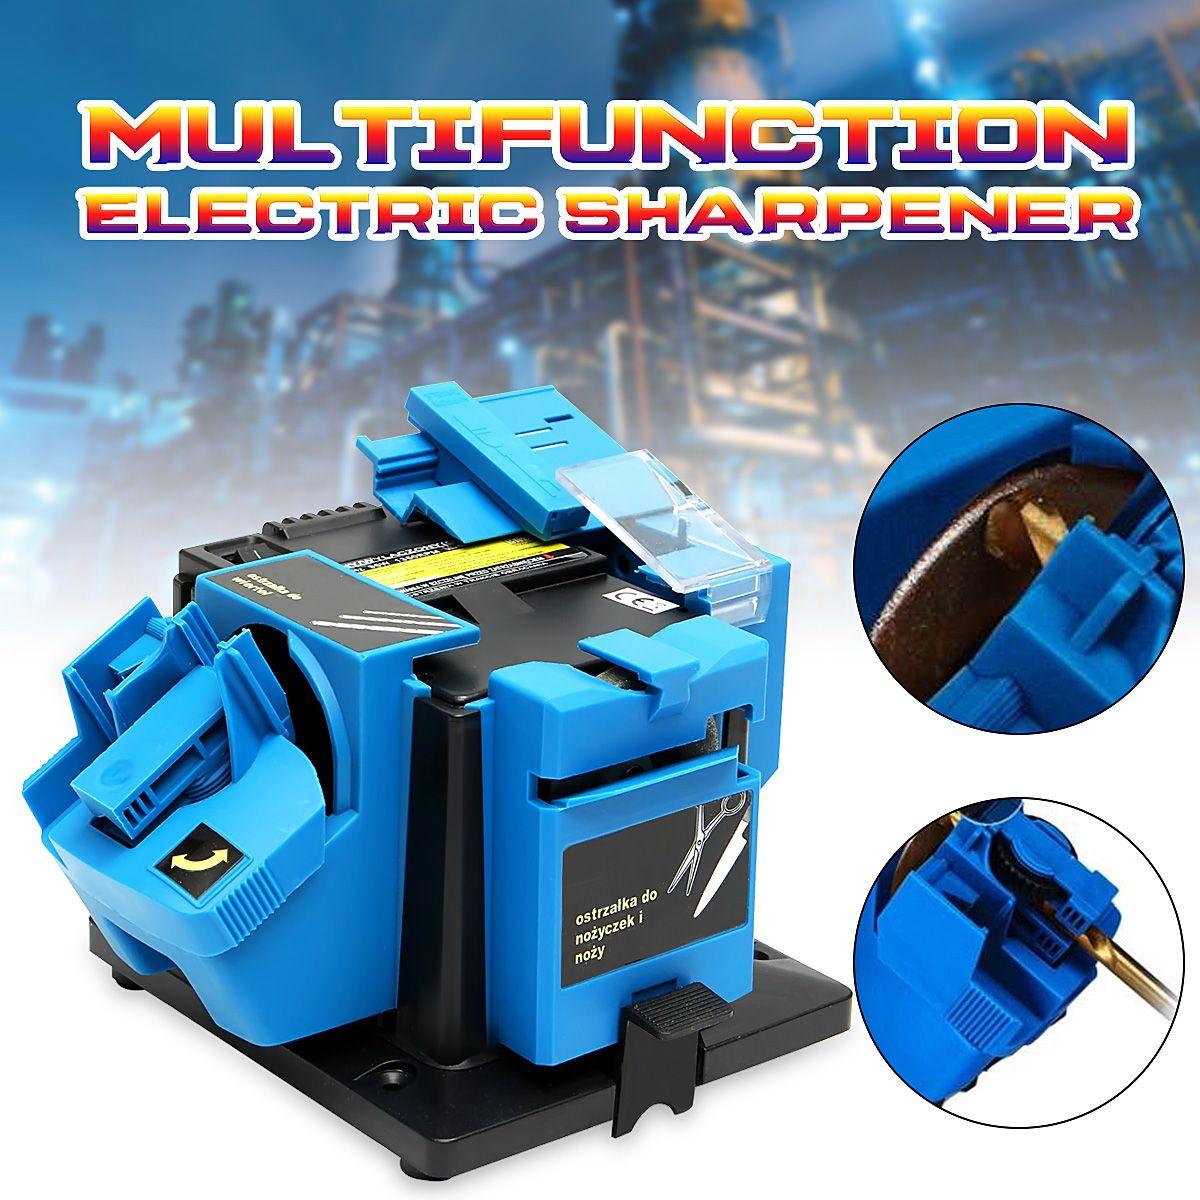 Electric Household Sharpener Tool Drill Bit Knife Scissor Sharpener Grinder 96w 220V Electric Grinder Plane Sharpener